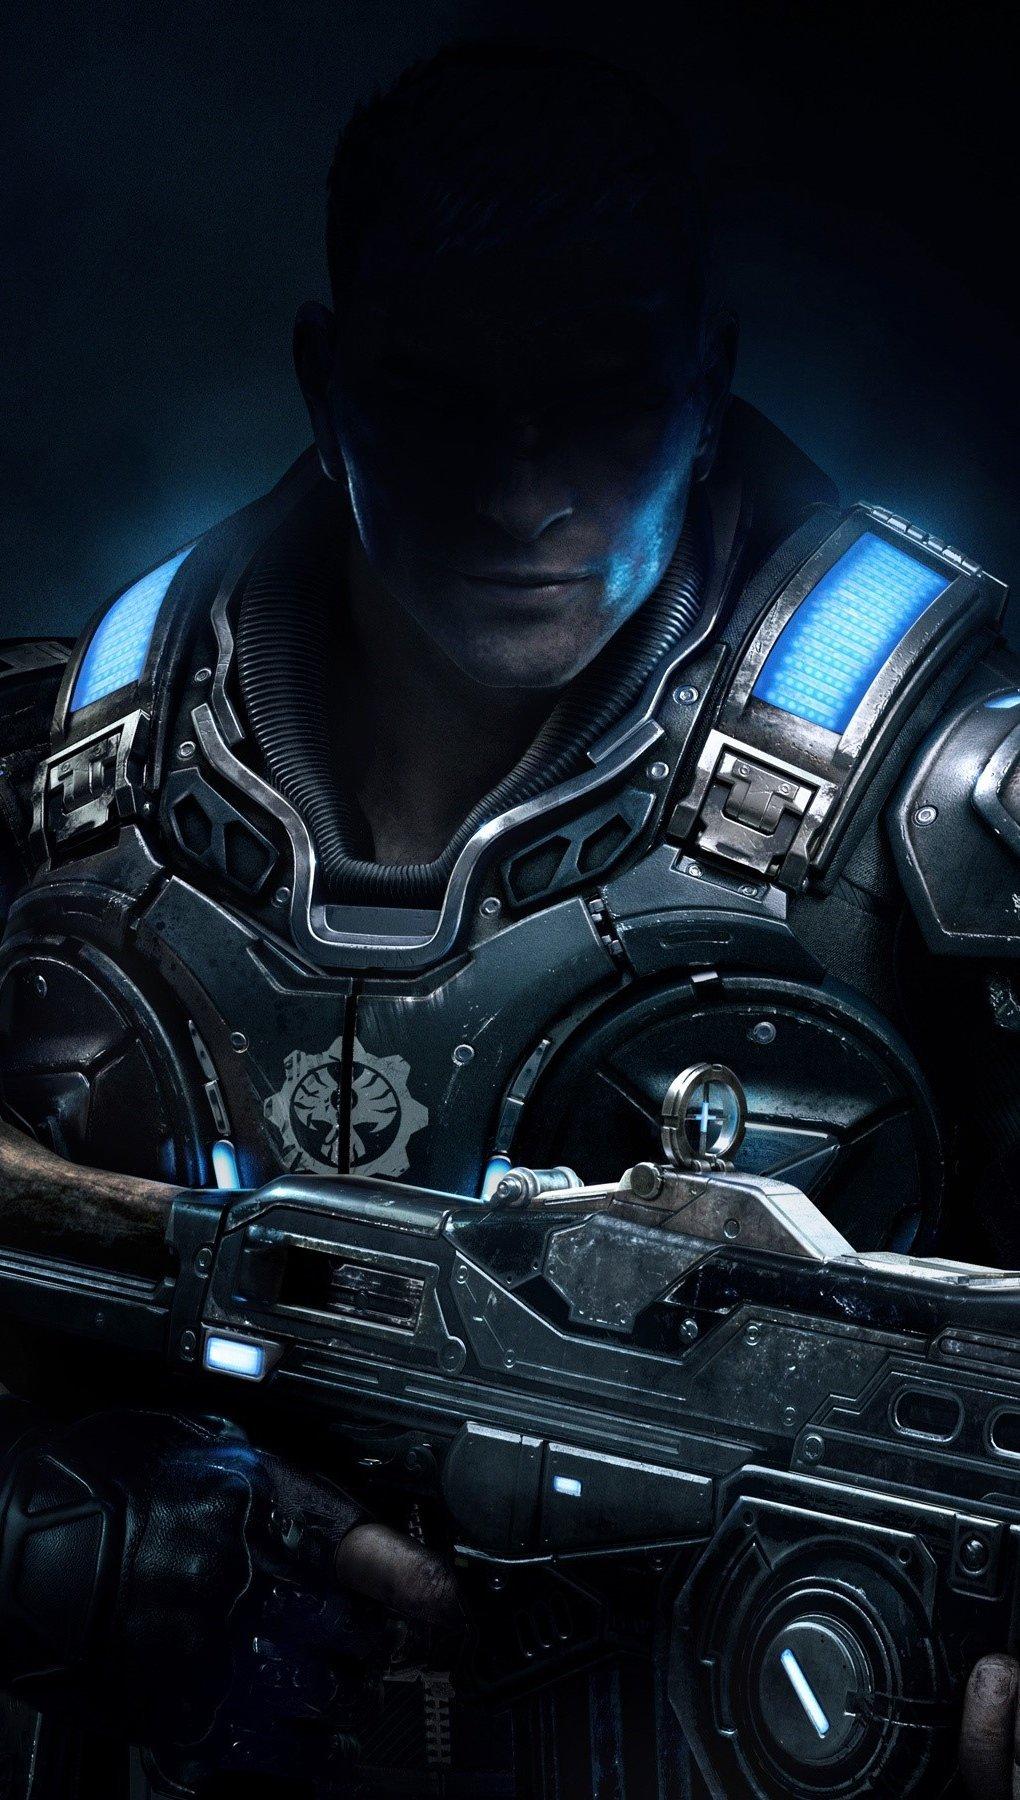 Wallpaper Star of Gears Of War 4 Vertical